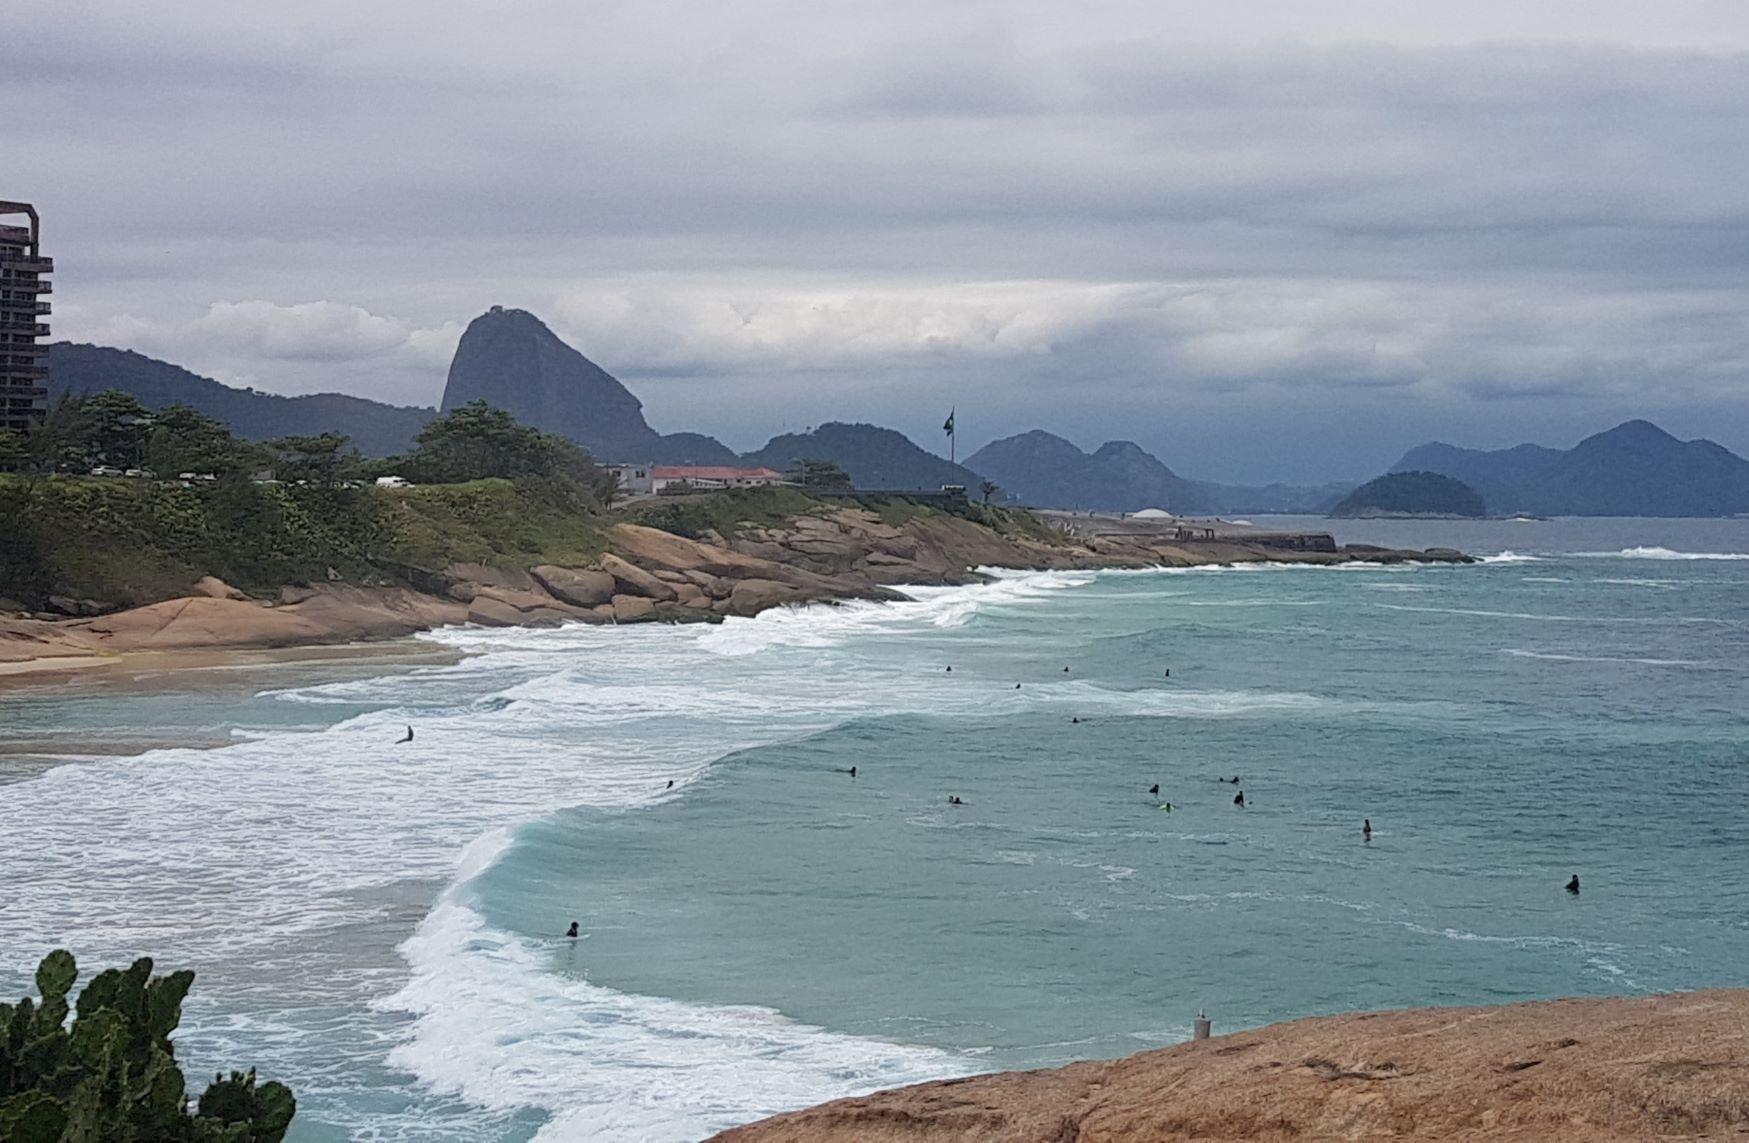 Surfistas na Praia do Diabo, onde a vista da pedra alcança o Forte Copacabana e o Pão de Açúcar: pranchas no mar são parte do cenário há 60 anos (Foto: Oscar Valporto)